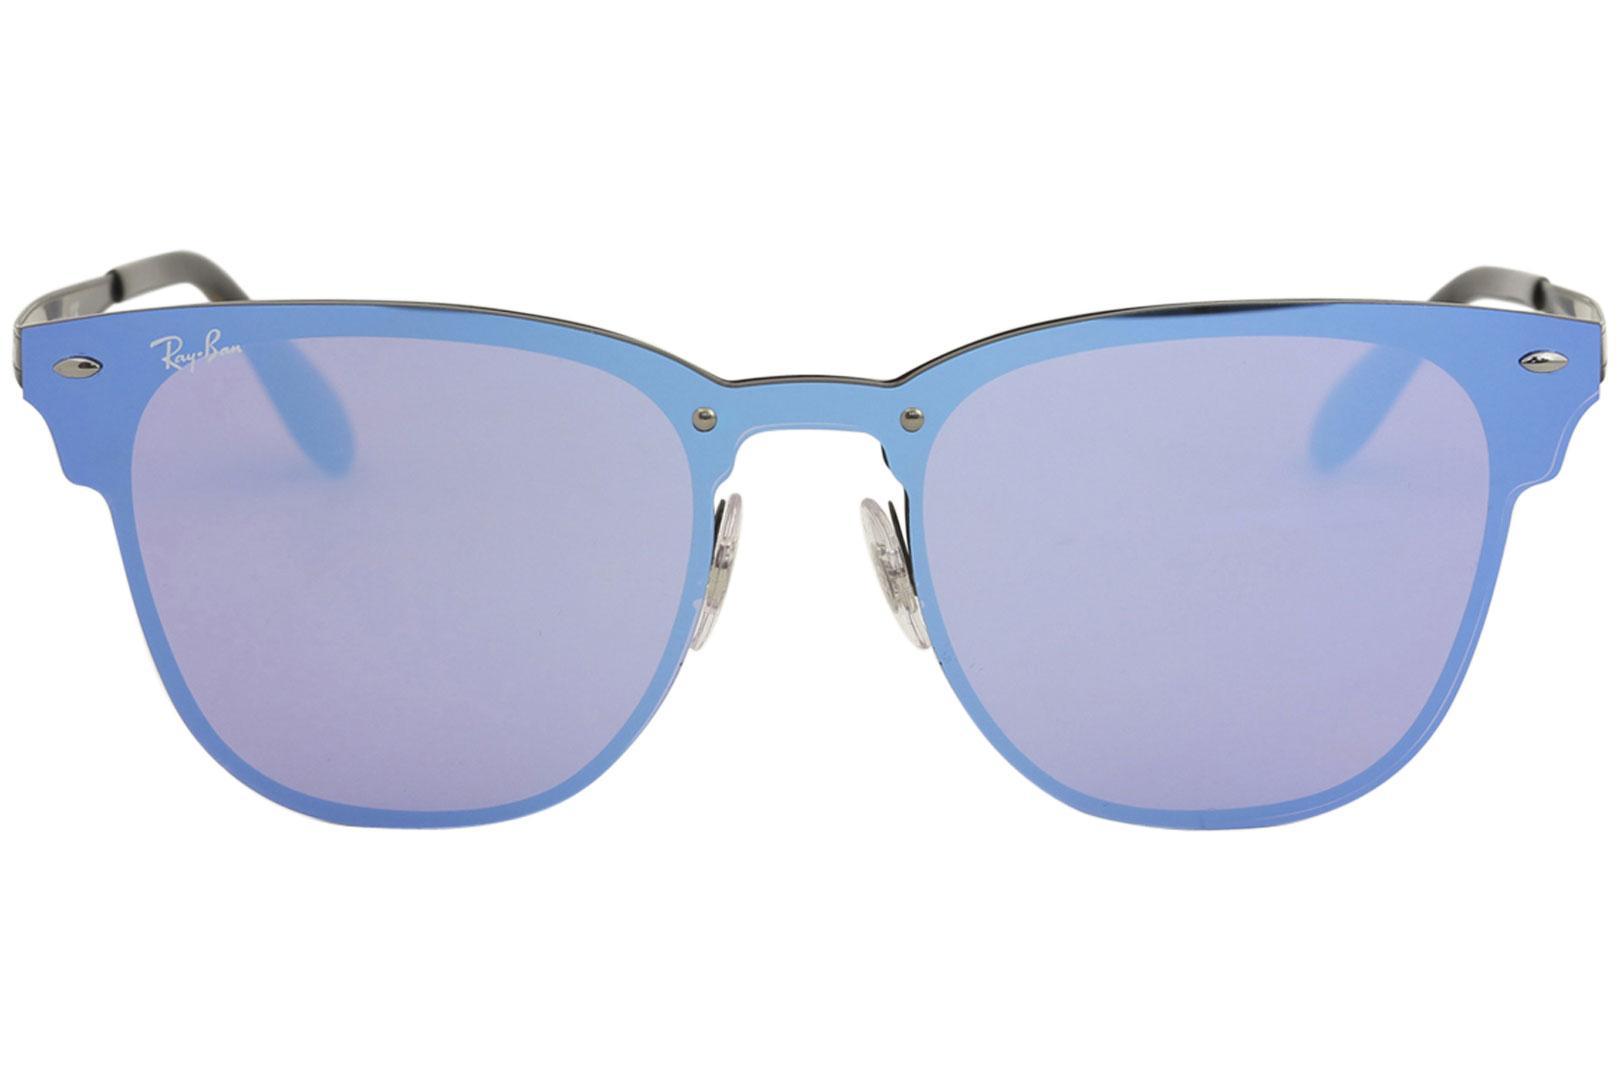 4bda8c7134 Ray Ban Blaze Clubmaster RB3576N RB 3576 N RayBan Fashion Square Sunglasses